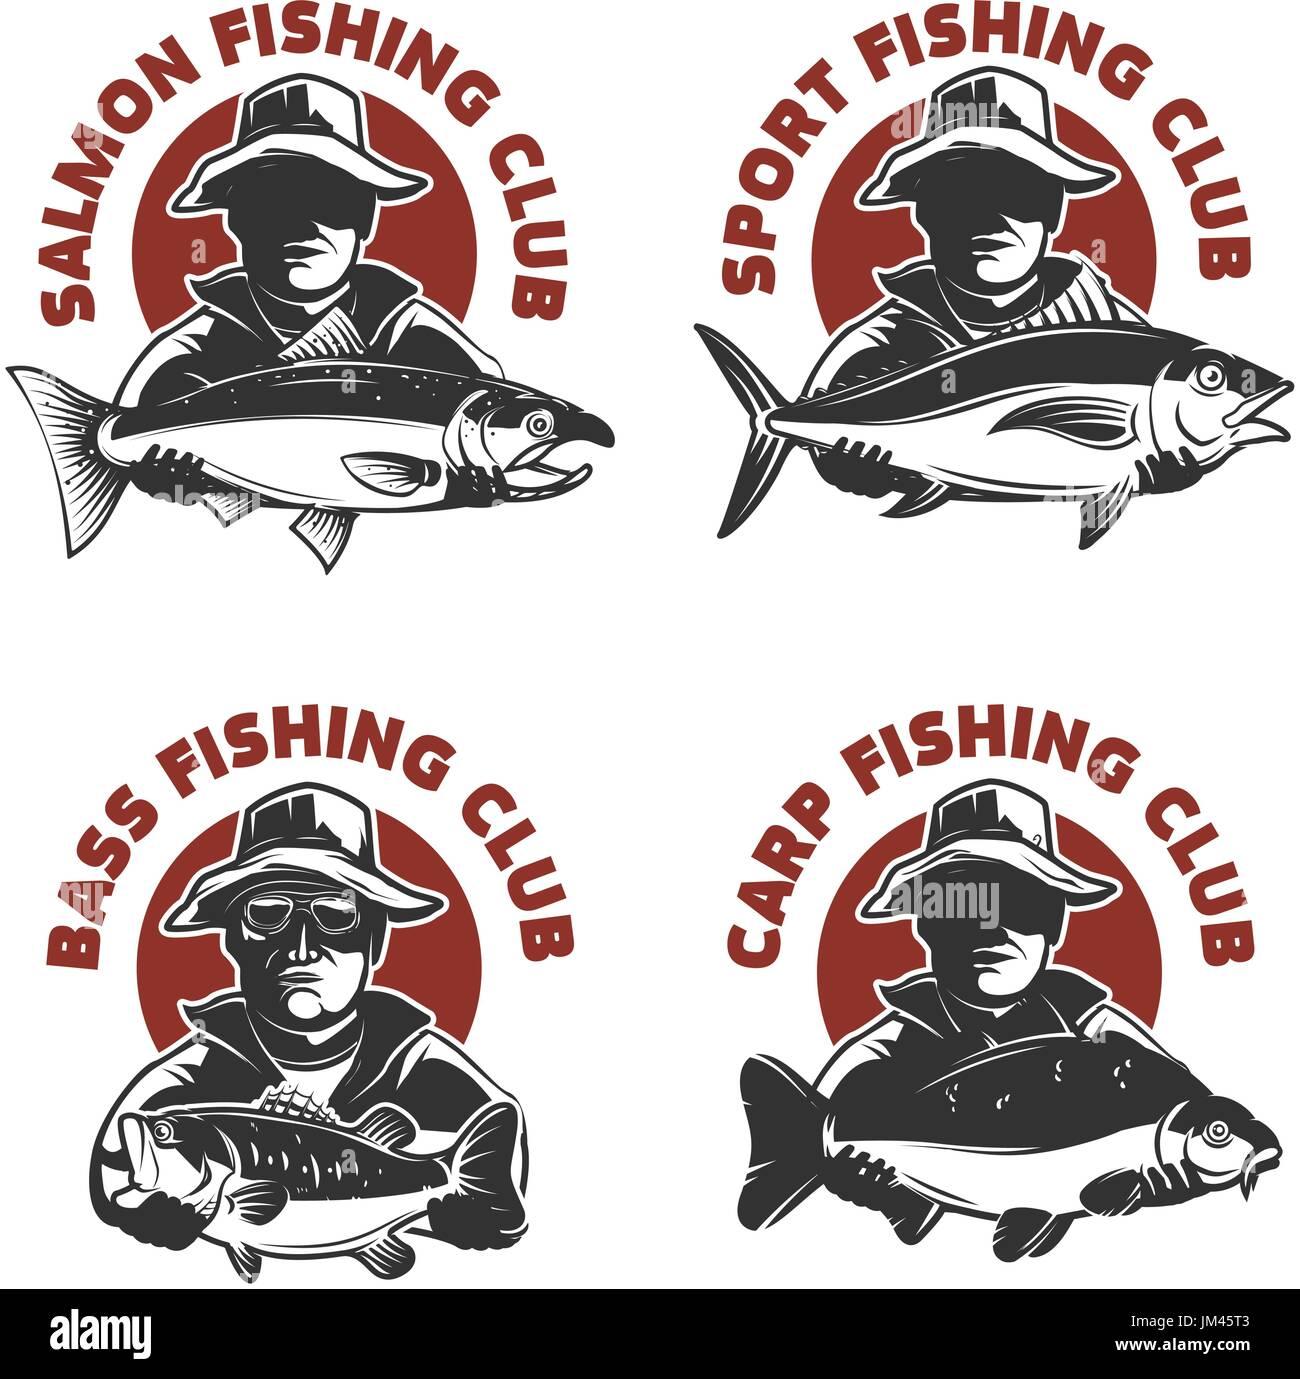 японские рыболовные логотипы